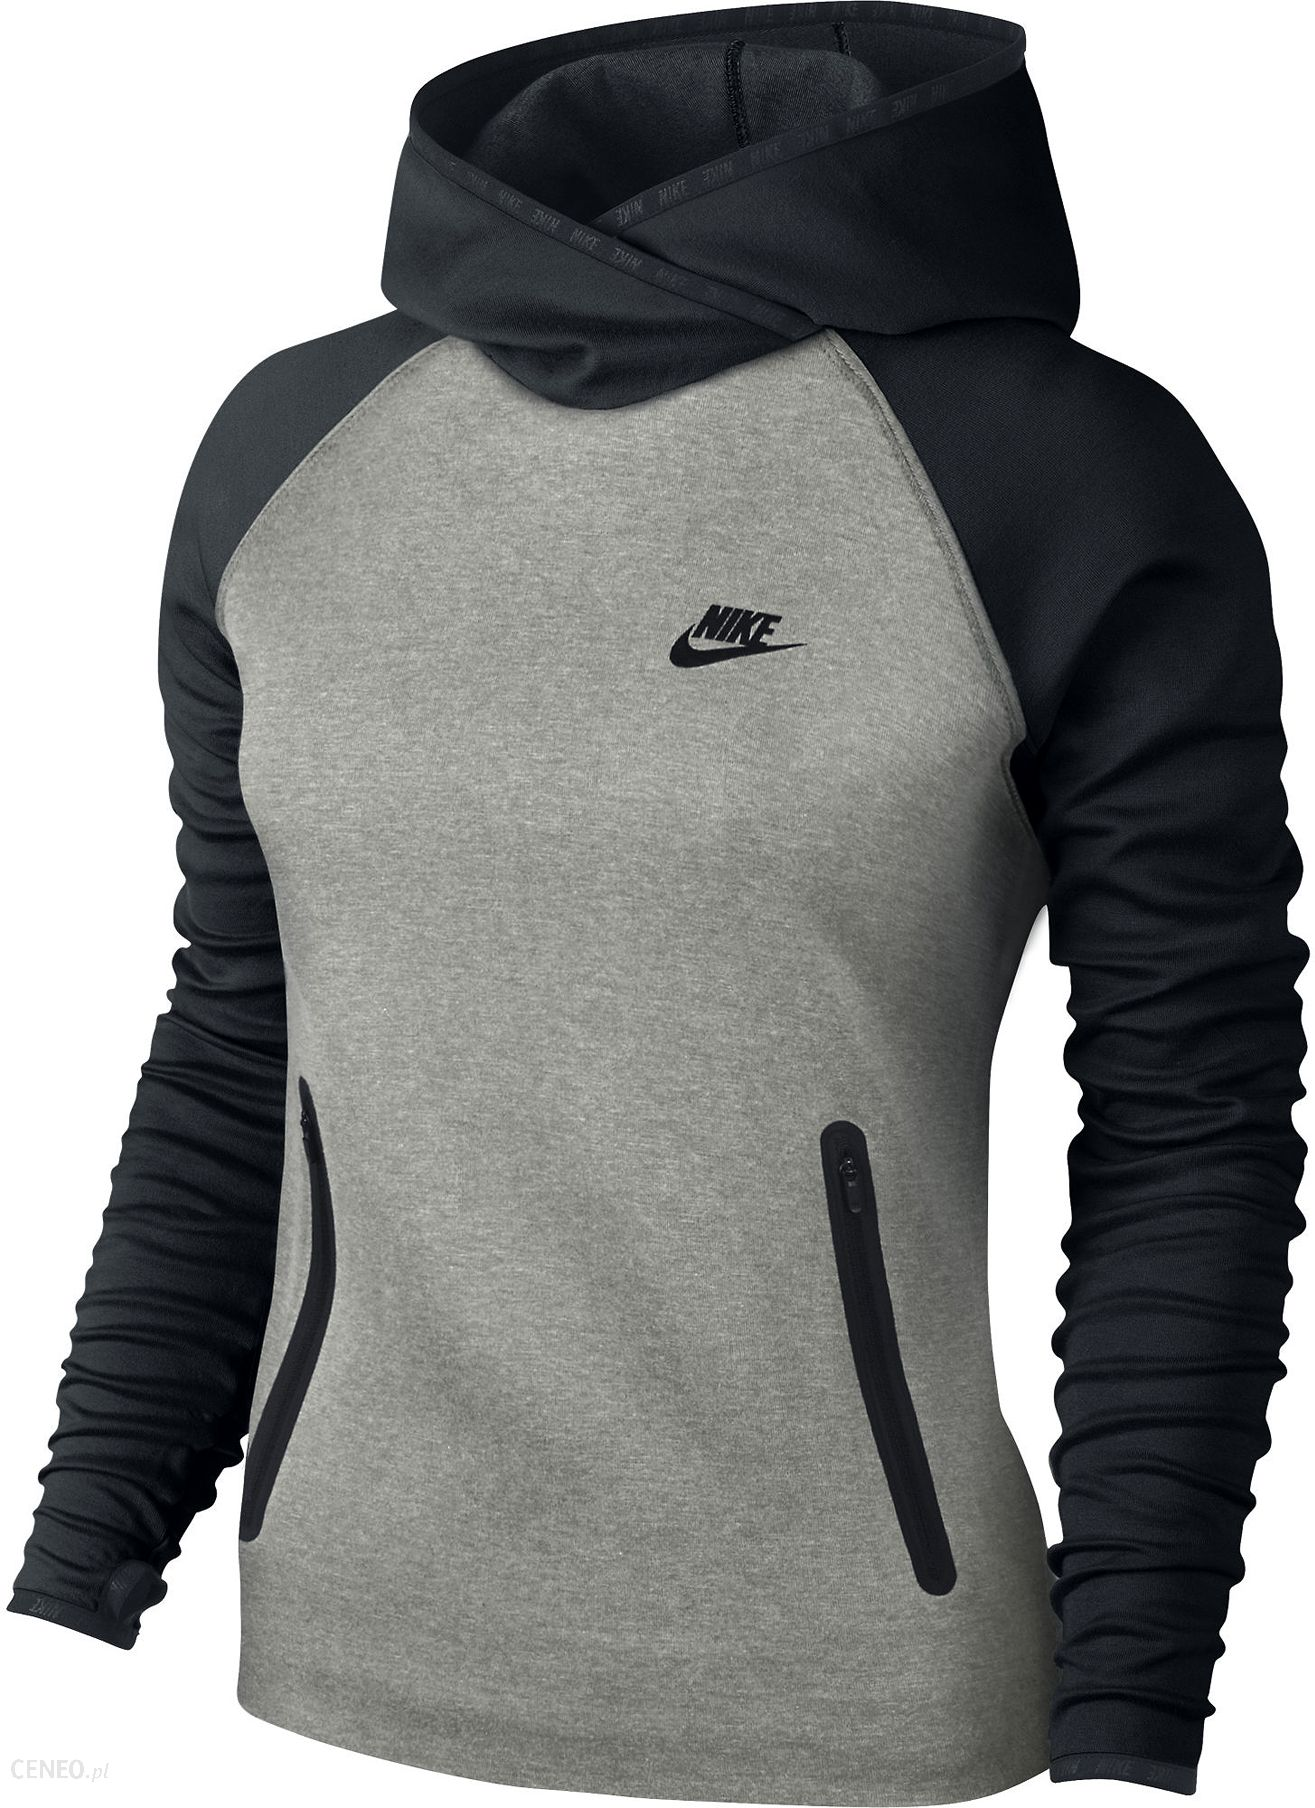 najlepsze trampki duża obniżka bliżej na Bluza Nike Tech Fleece Funnel 617186-012 - Ceny i opinie - Ceneo.pl